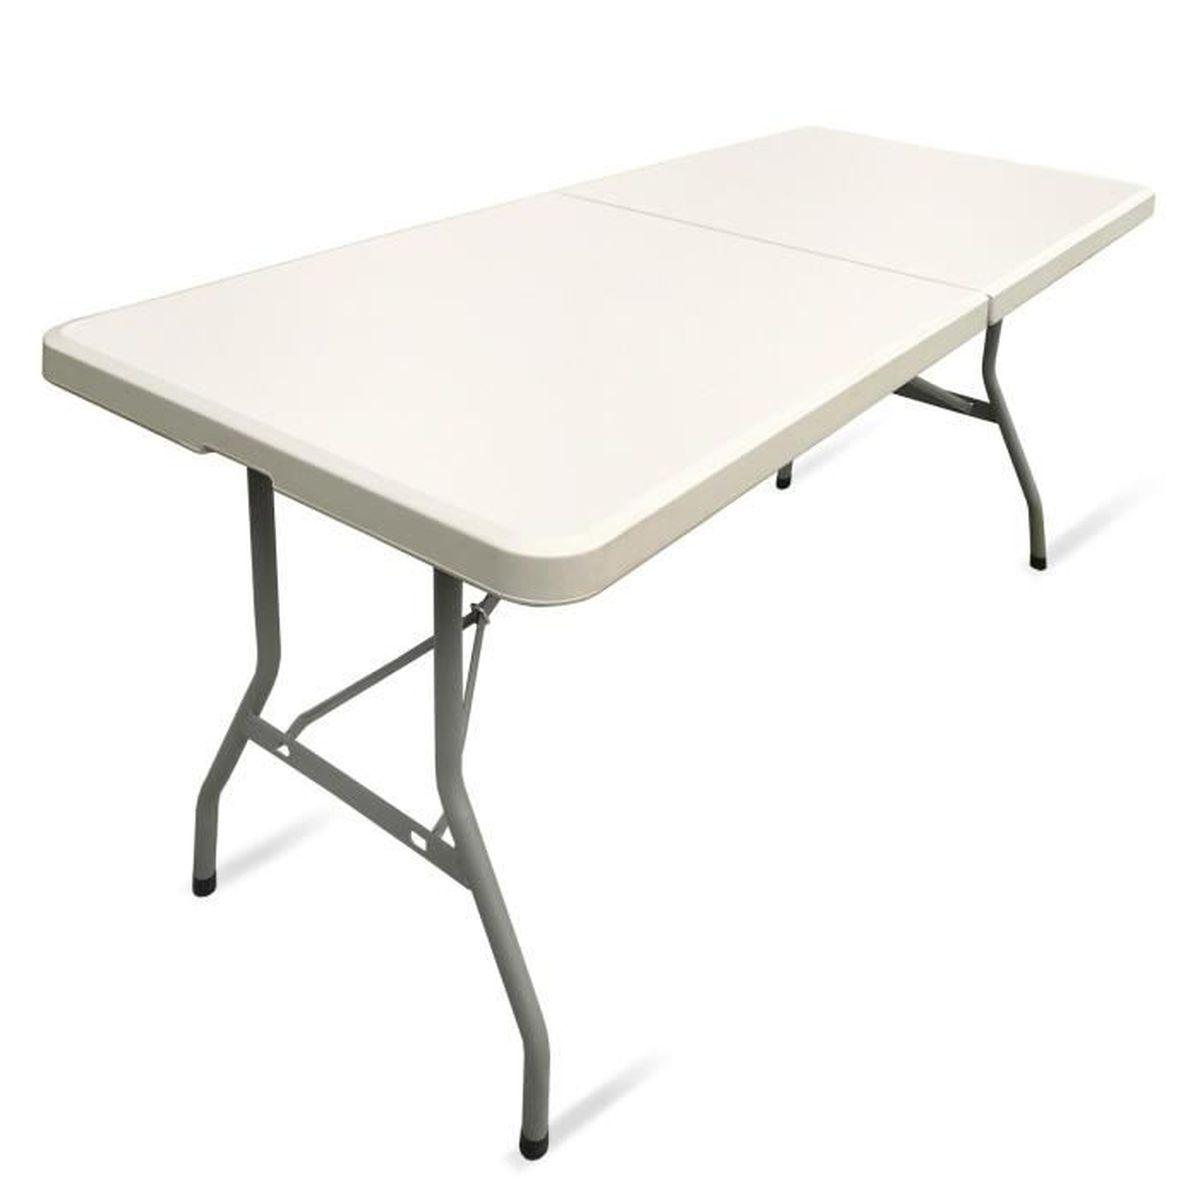 table pliable, table de jardin, table de camping, table de salon, table  valise 183x75x74 cm, couleur creme avec poignee